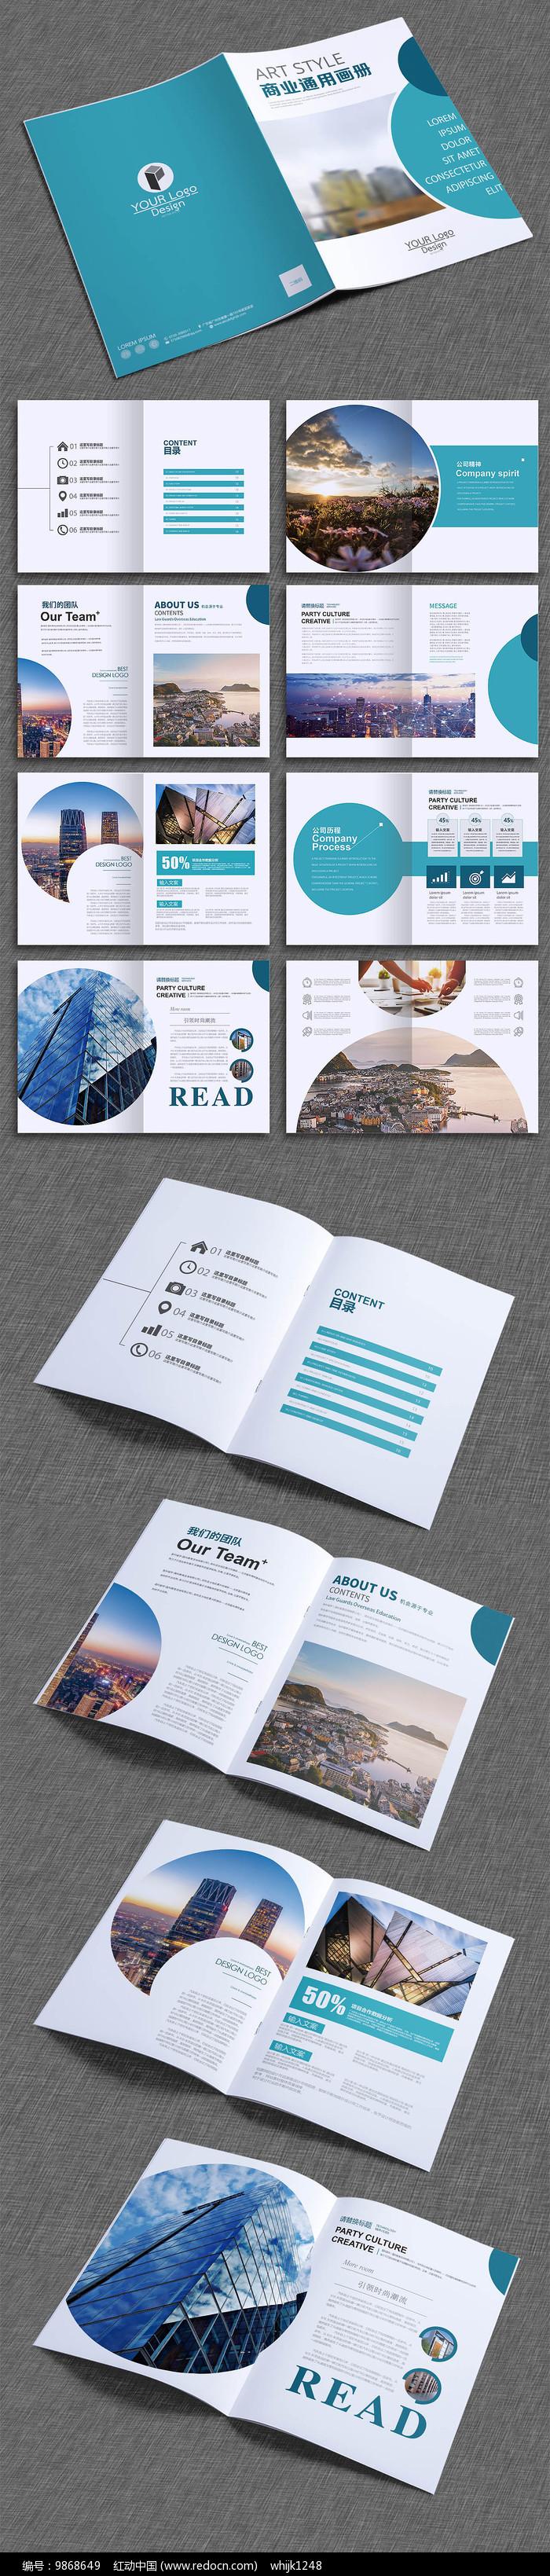 蓝色几何简约企业宣传册设计图片